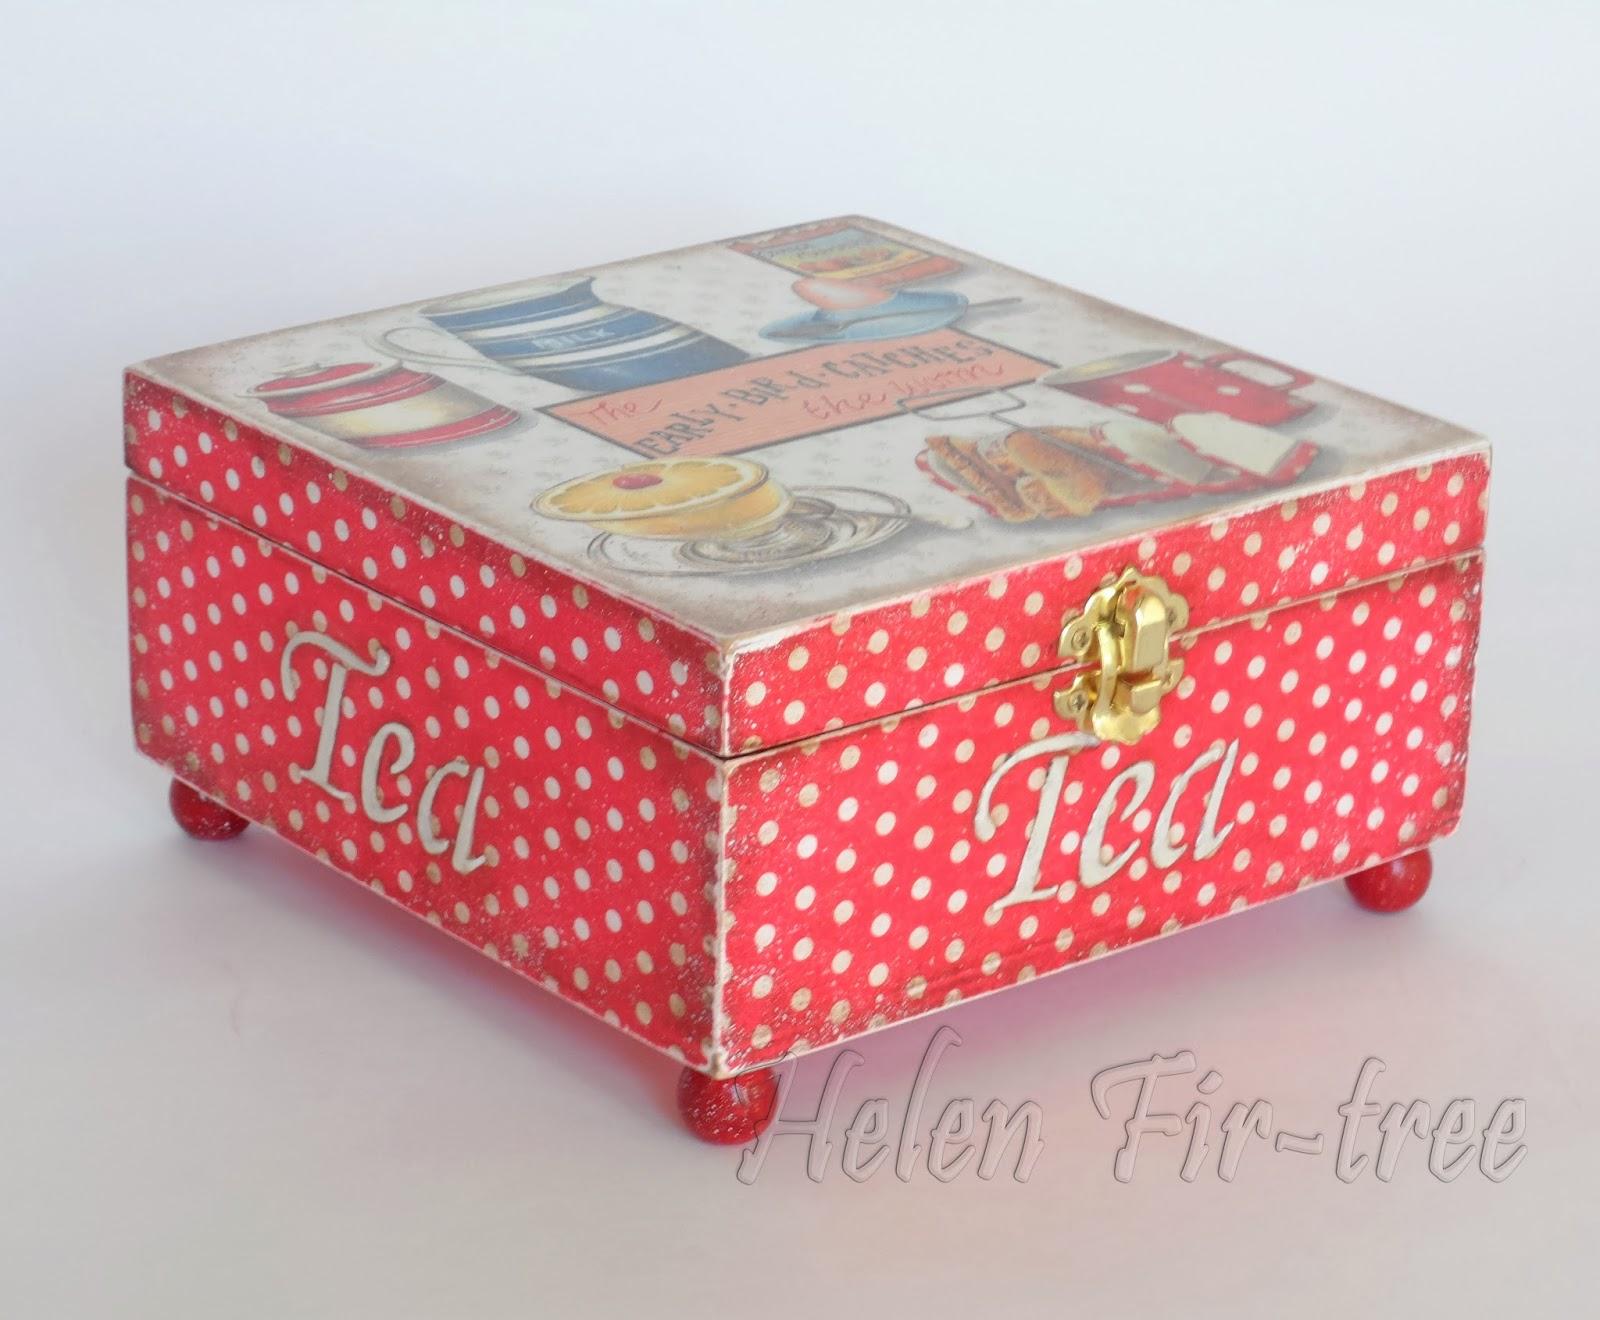 Helen Fir-tree декупаж шкатулка decoupage box